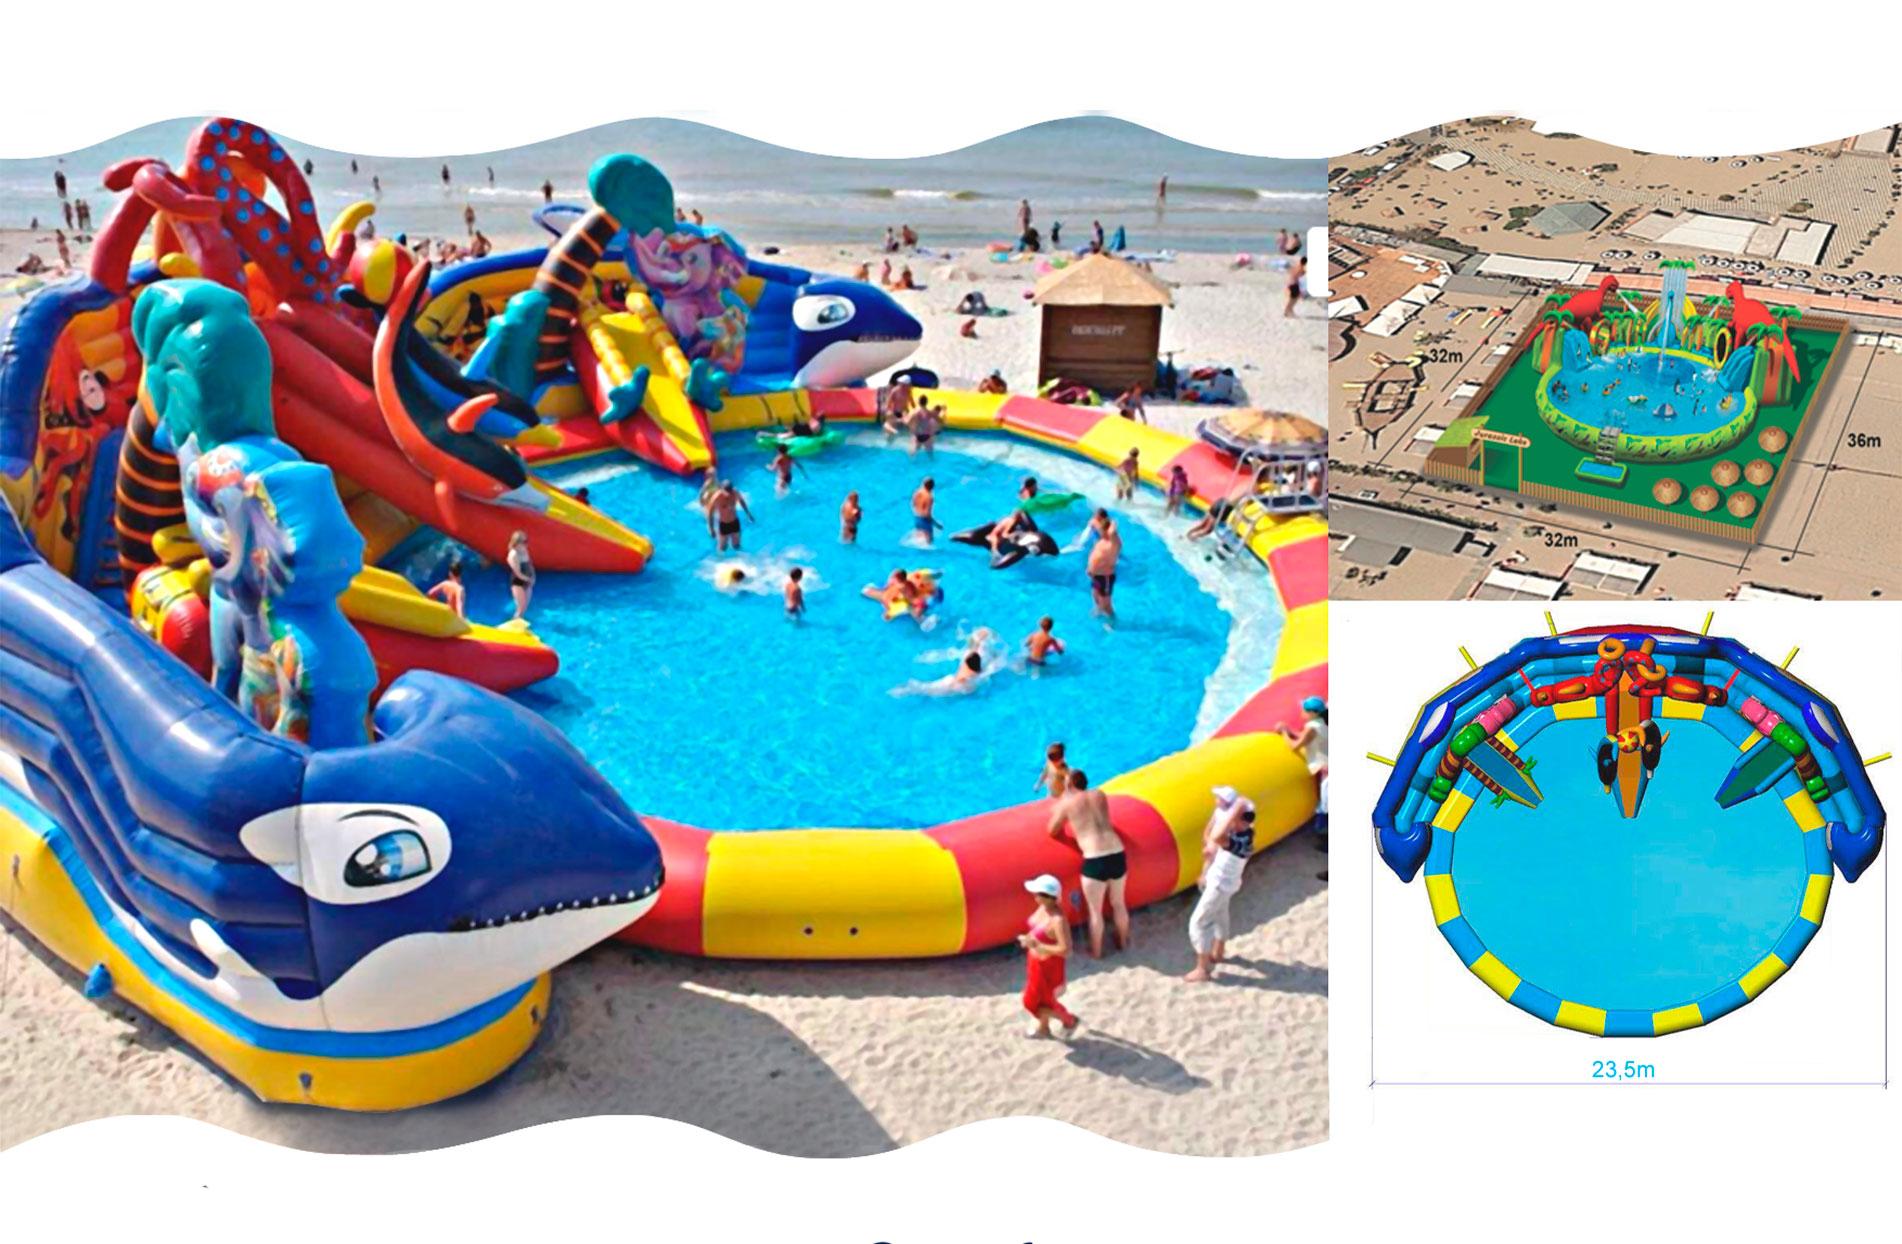 Gonfiabili acquatici scivoli acquatici piscina con scivoli for Giostre gonfiabili usate